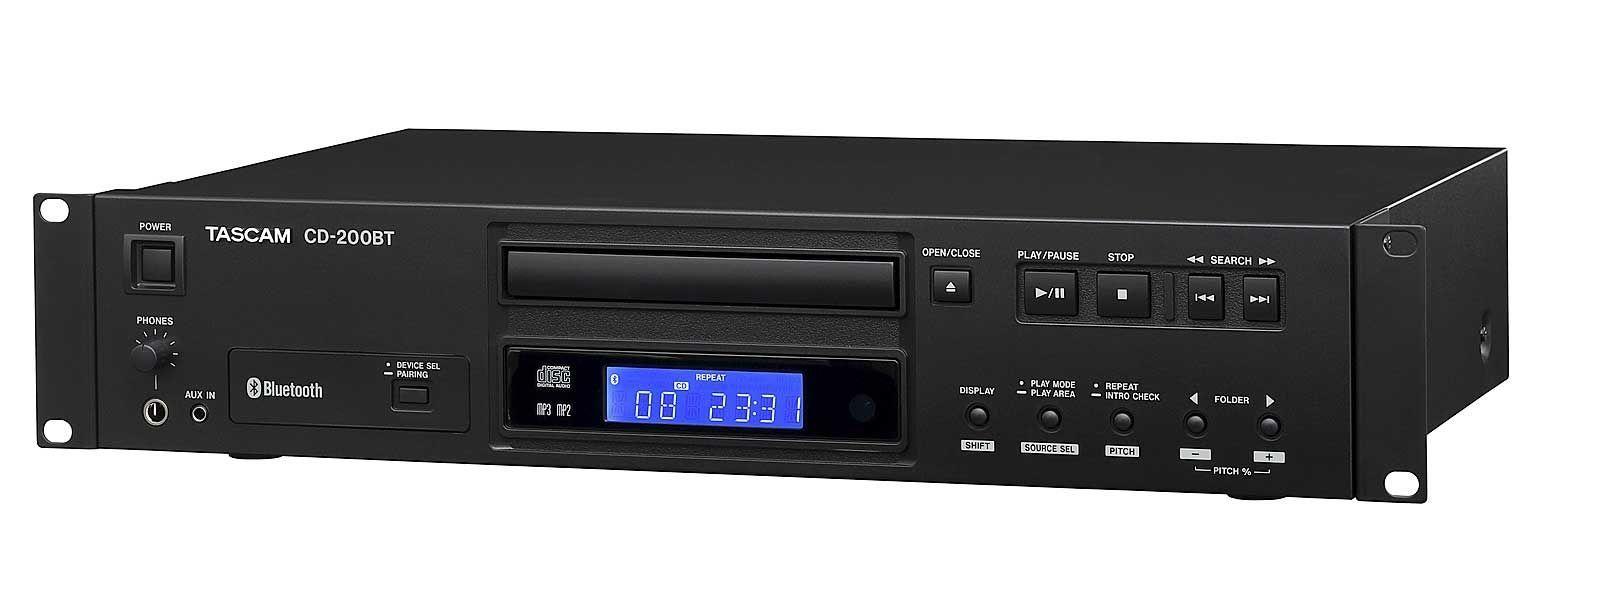 Tascam CD-200 BT CD-Player mit Bluetooth-Empfänger inkl. Fernbedienung